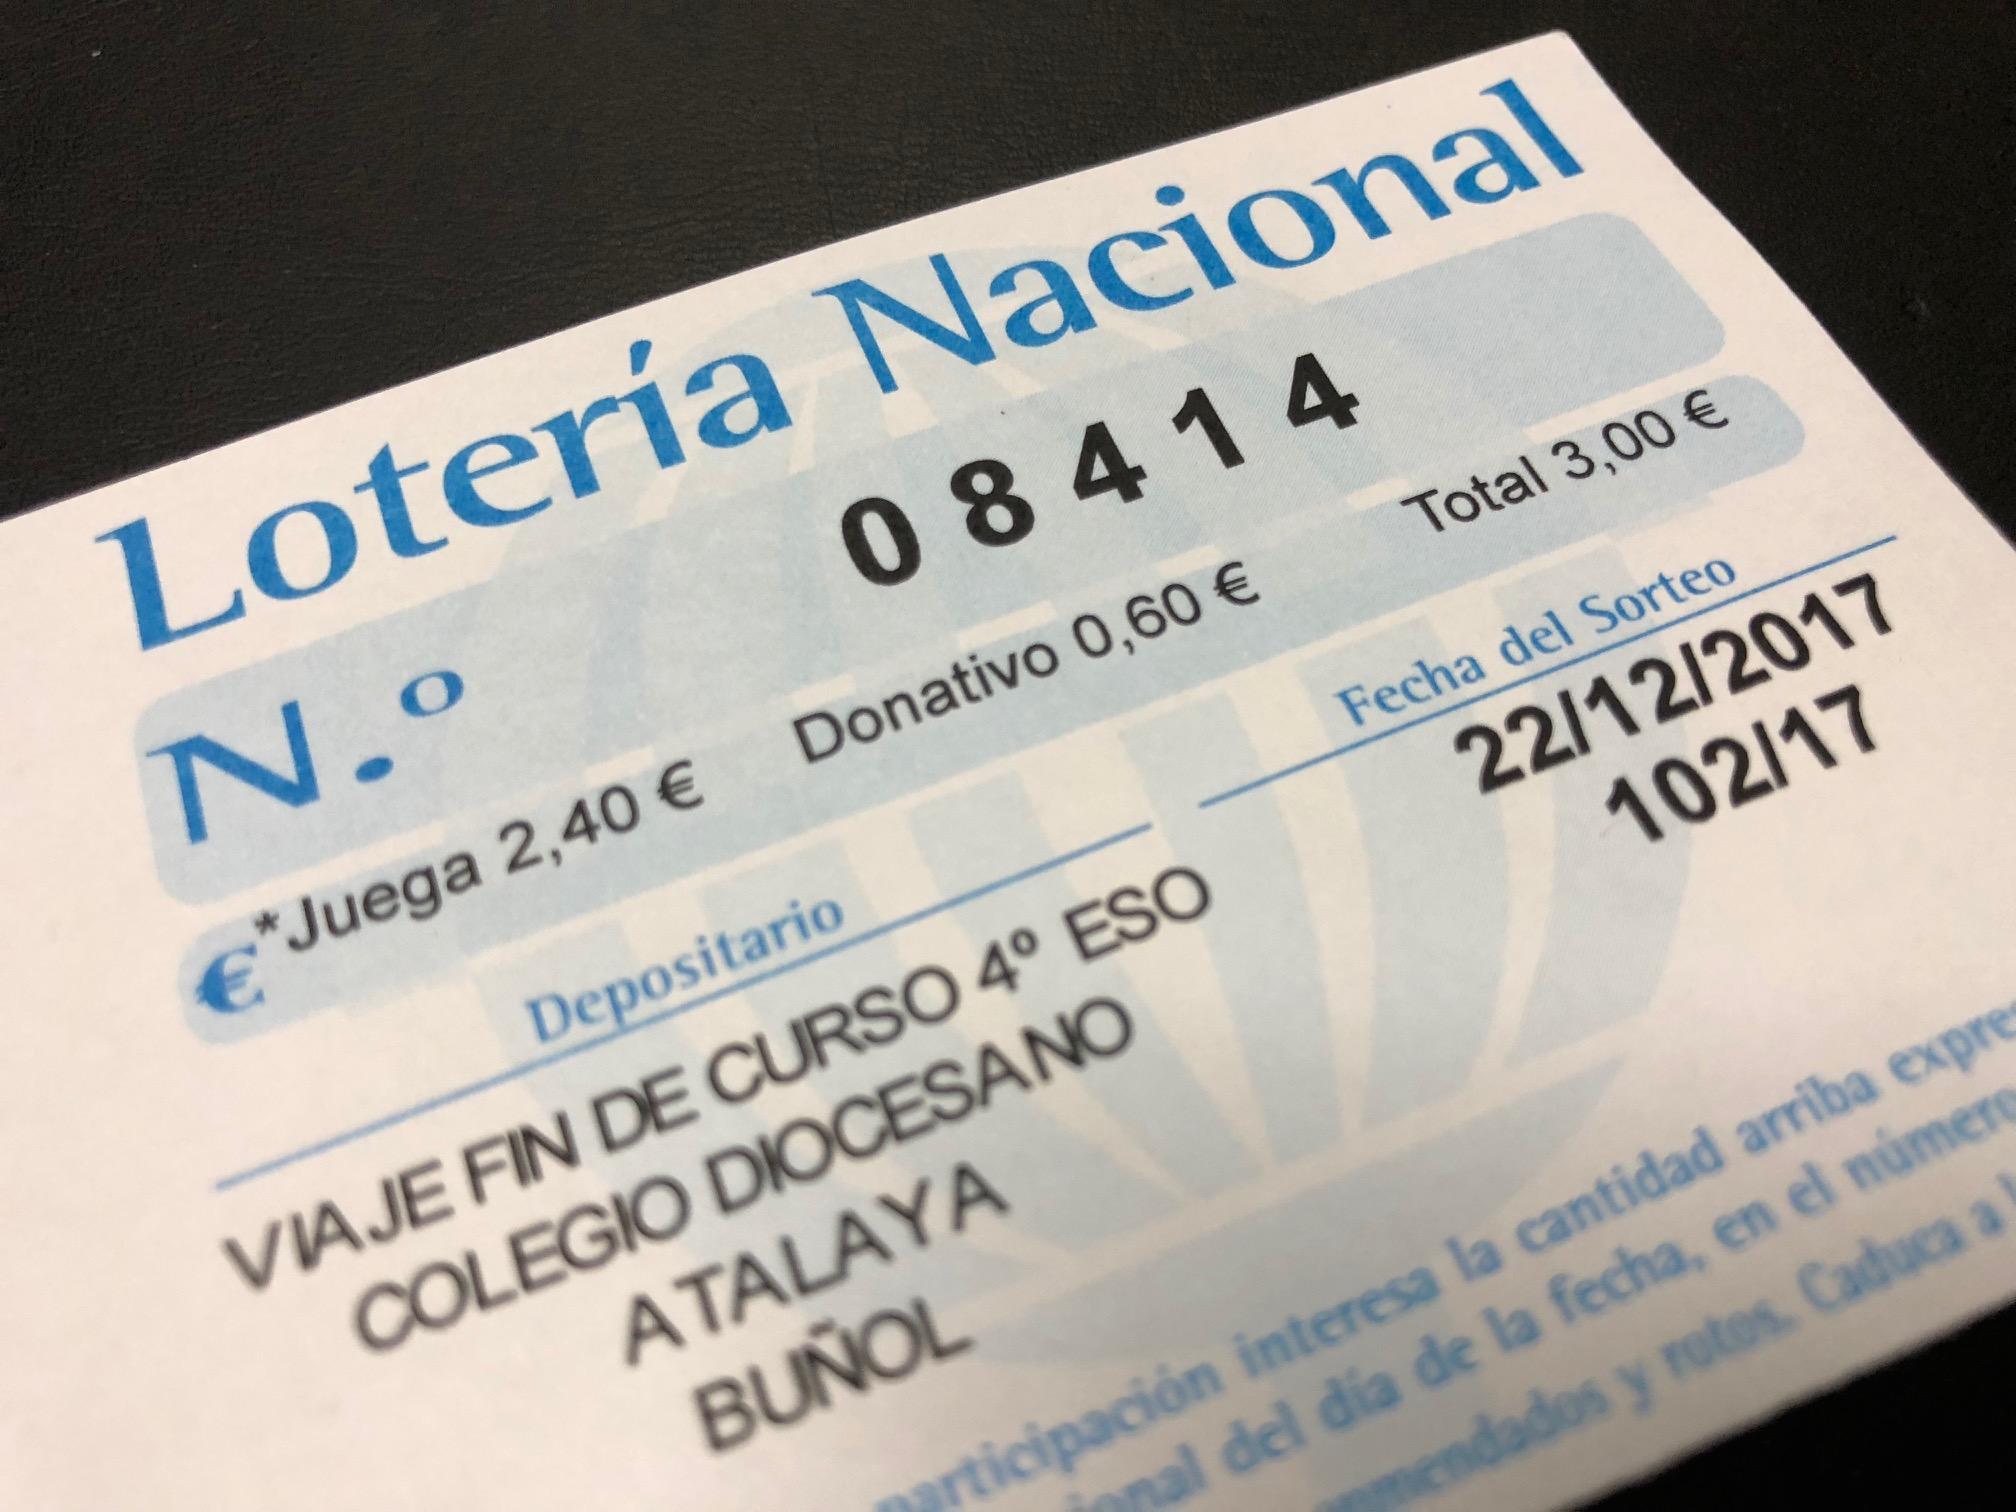 La lotería ha sido premiada con 12€ por papeleta.